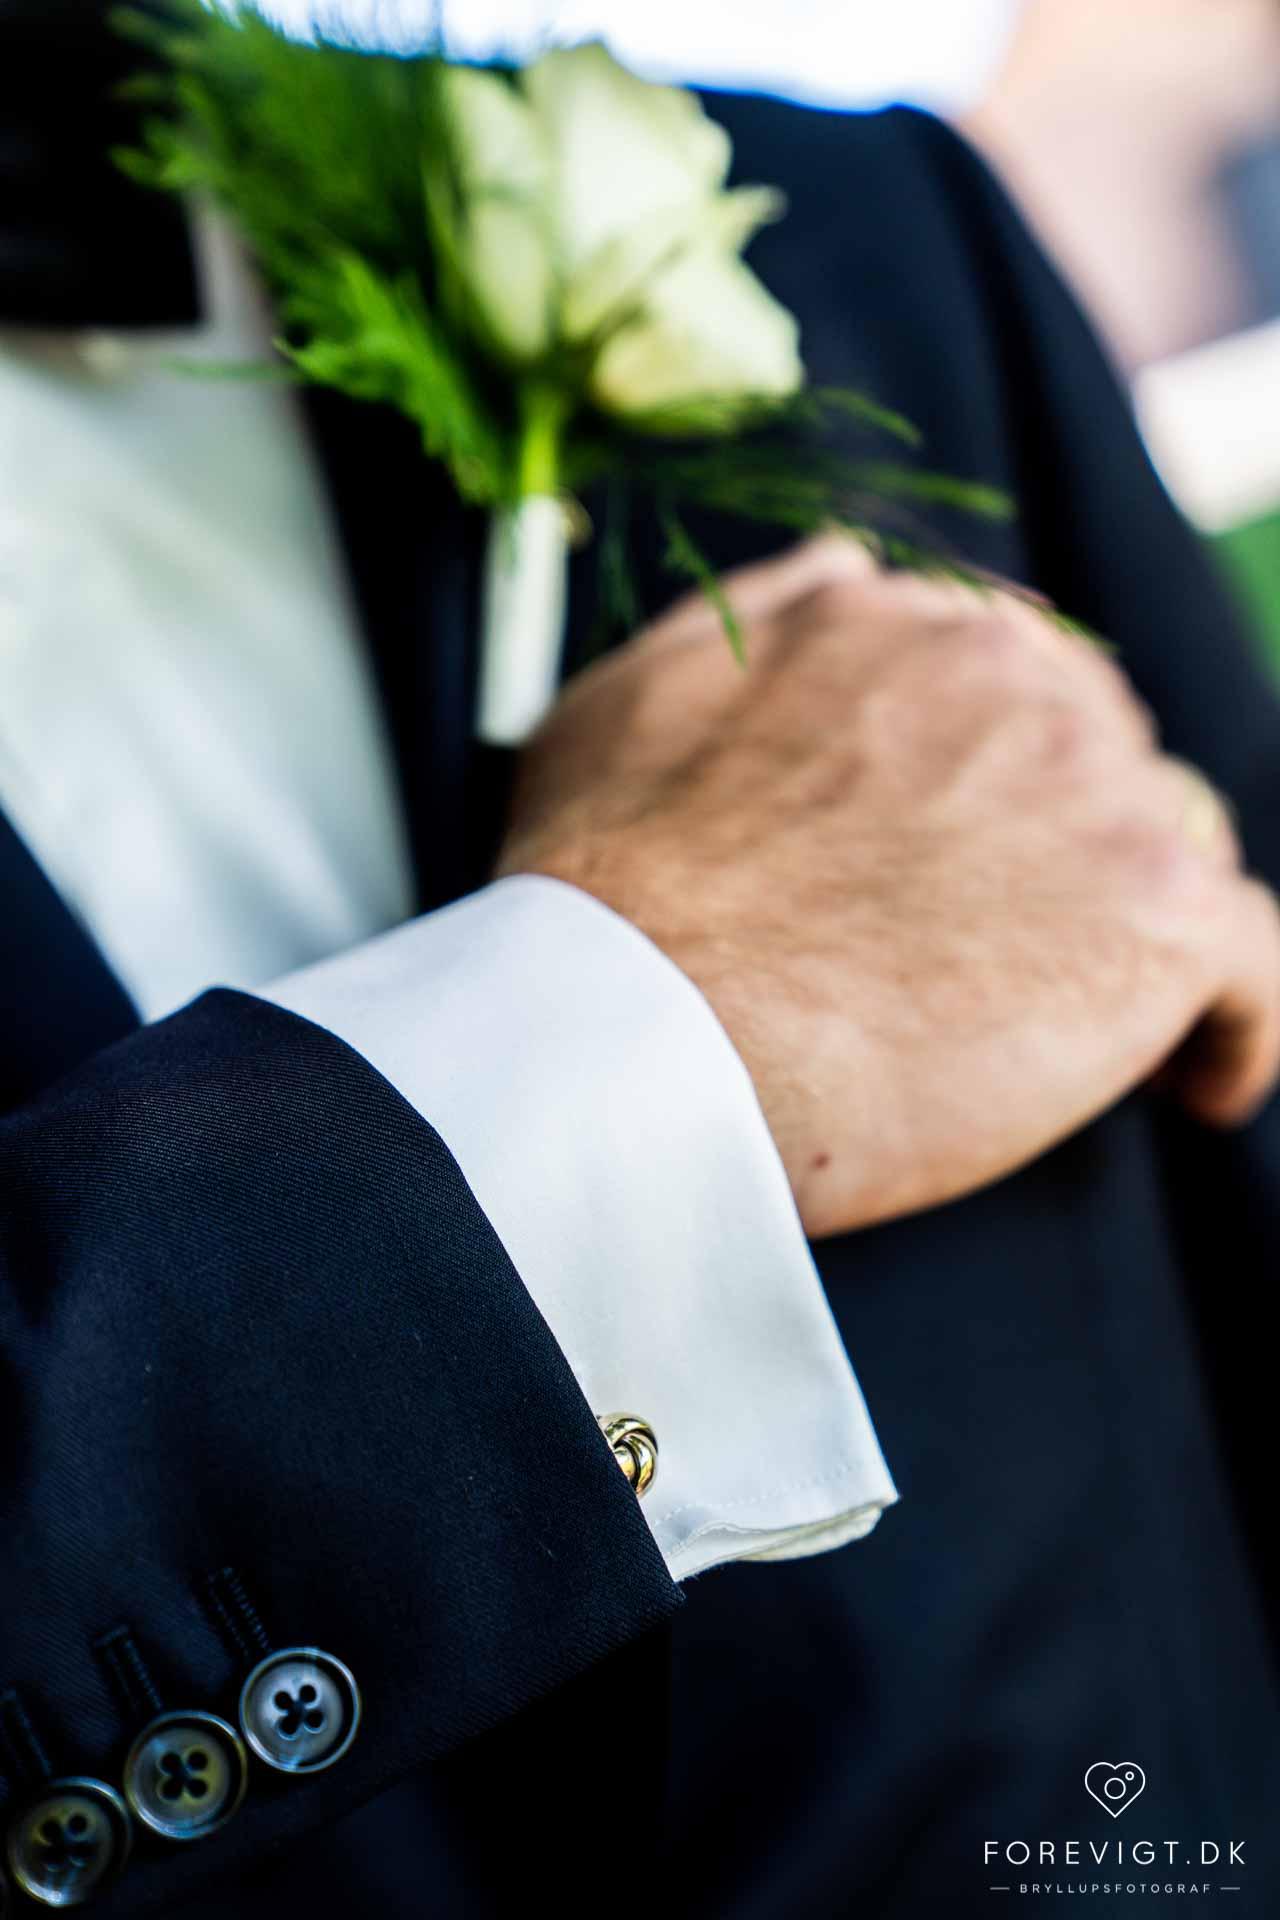 Efter vielsen vælger mange brudepar slottet eller slotsparken som den romantiske ramme for  bryllups billederne